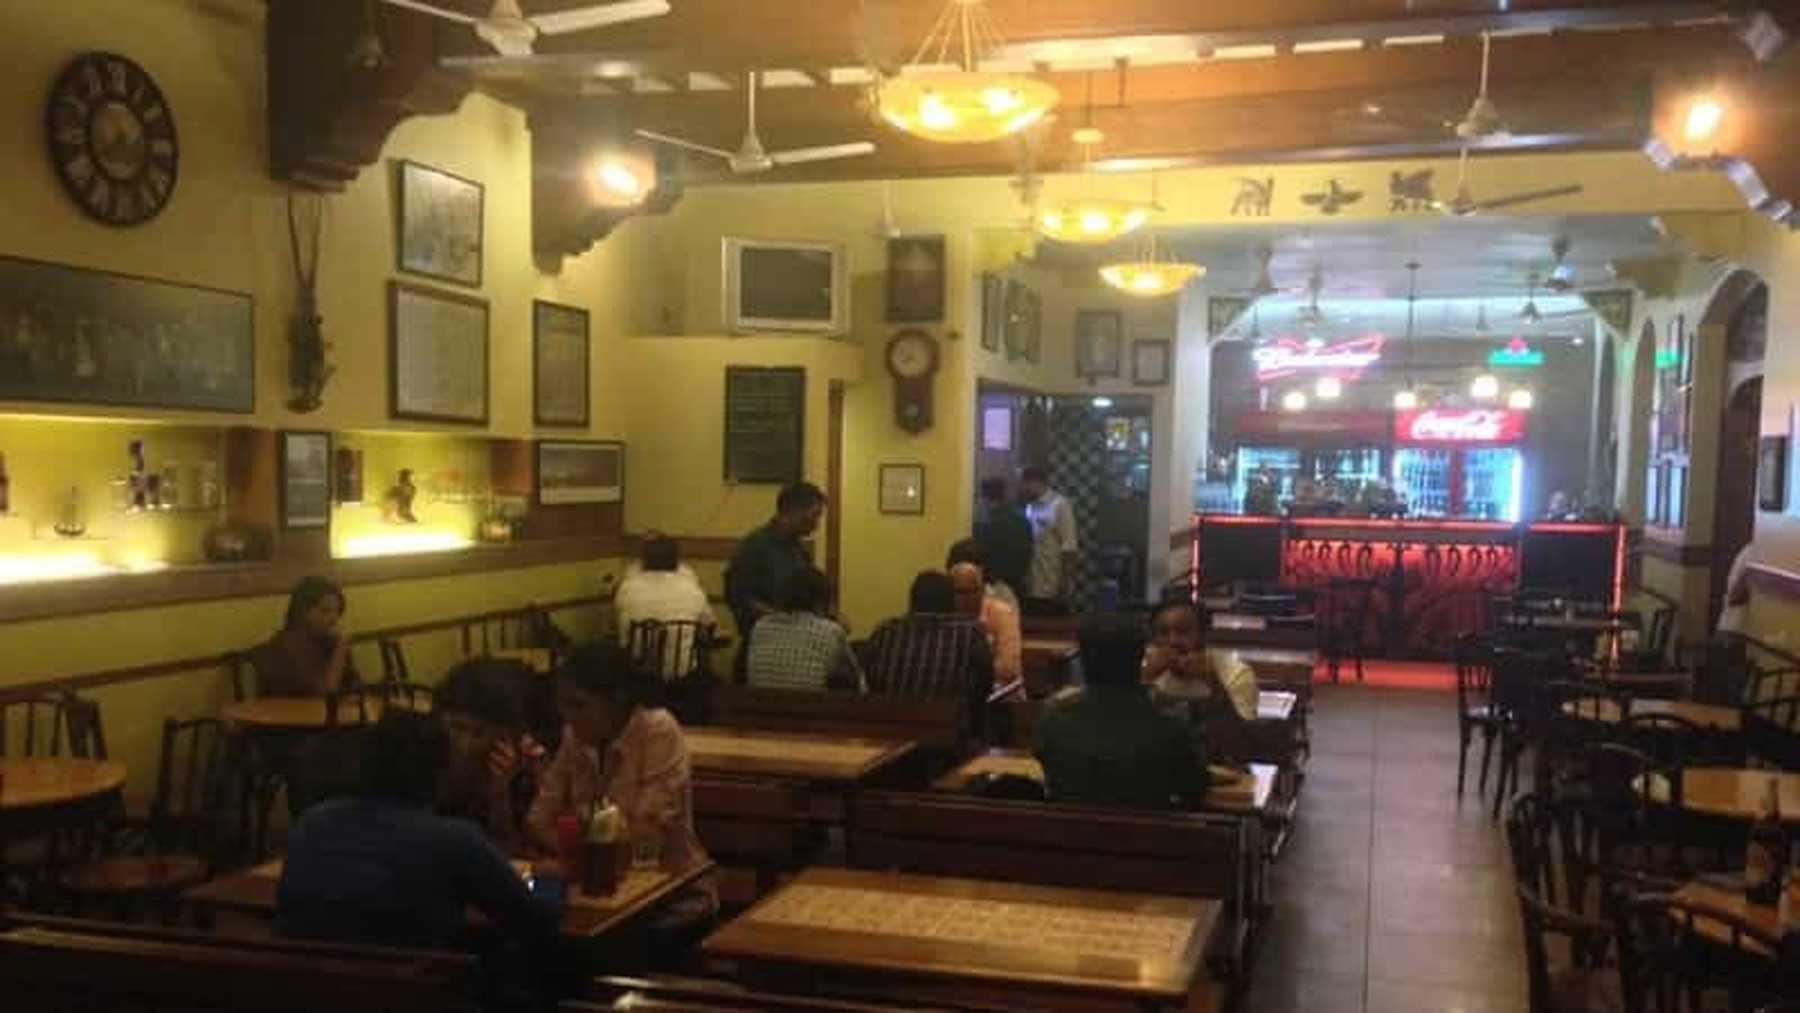 आता मुंबईत बार, हॉटेल, रेस्टॉरंट, फुड कोर्ट सकाळी 7 ते रात्री साडेअकरा वाजेपर्यंत सुरू